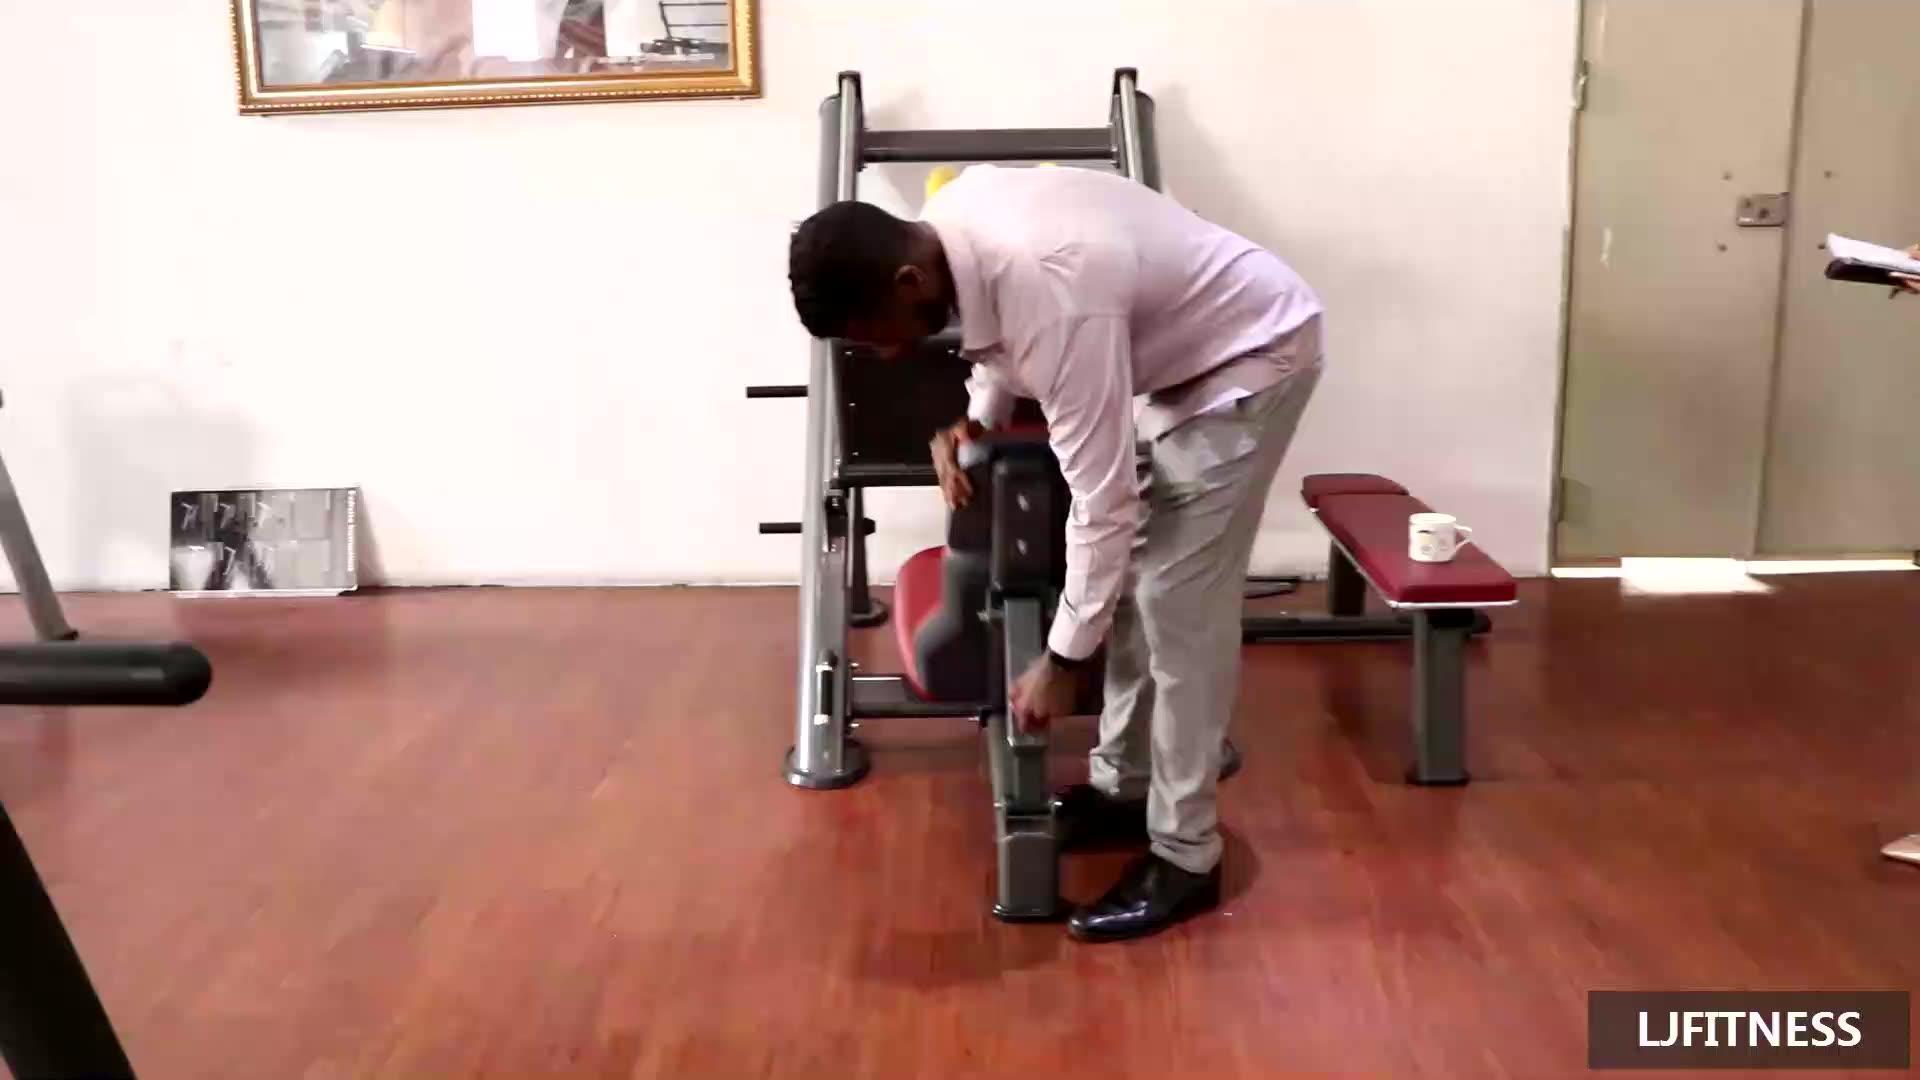 LJ-5521A 45 degree leg press machine